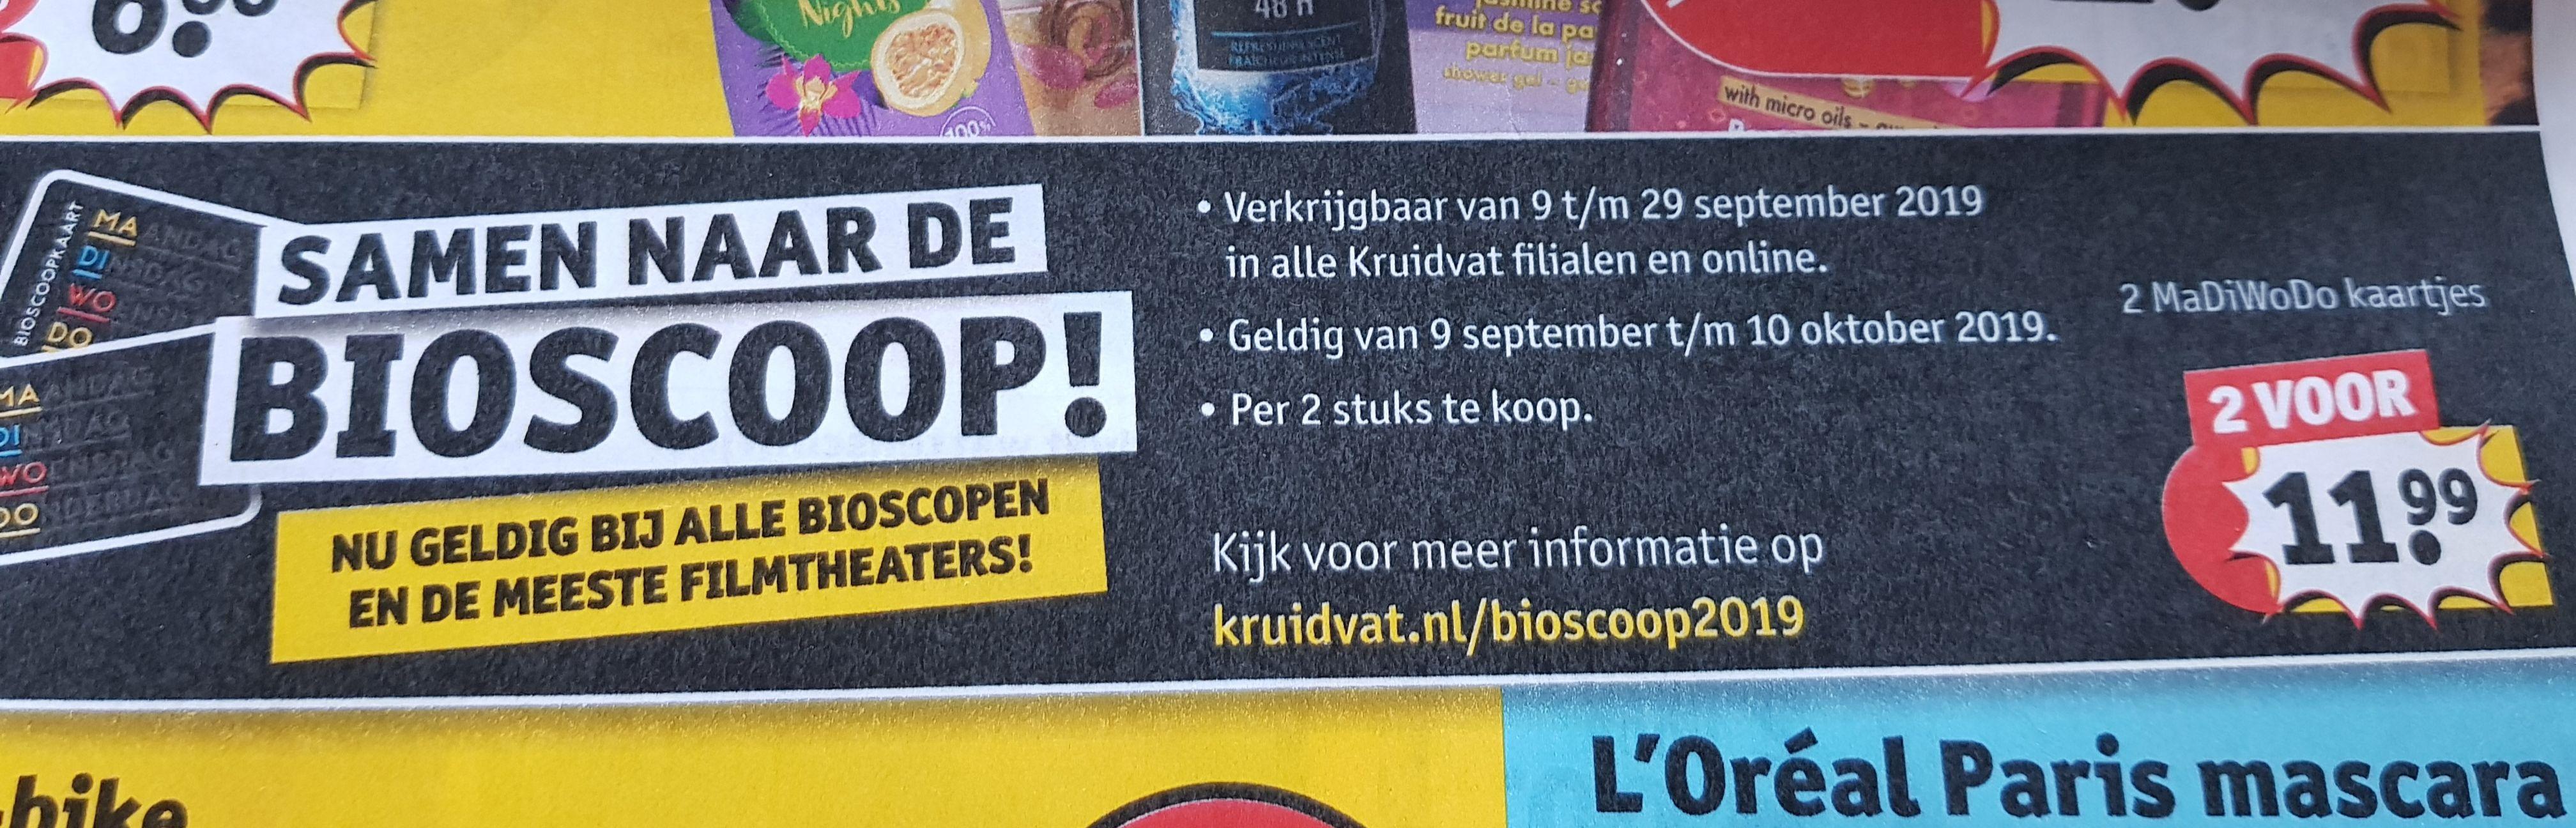 Voor nog geen 12 euro met z'n tweeën naar de bioscoop op MaDiWoDo!